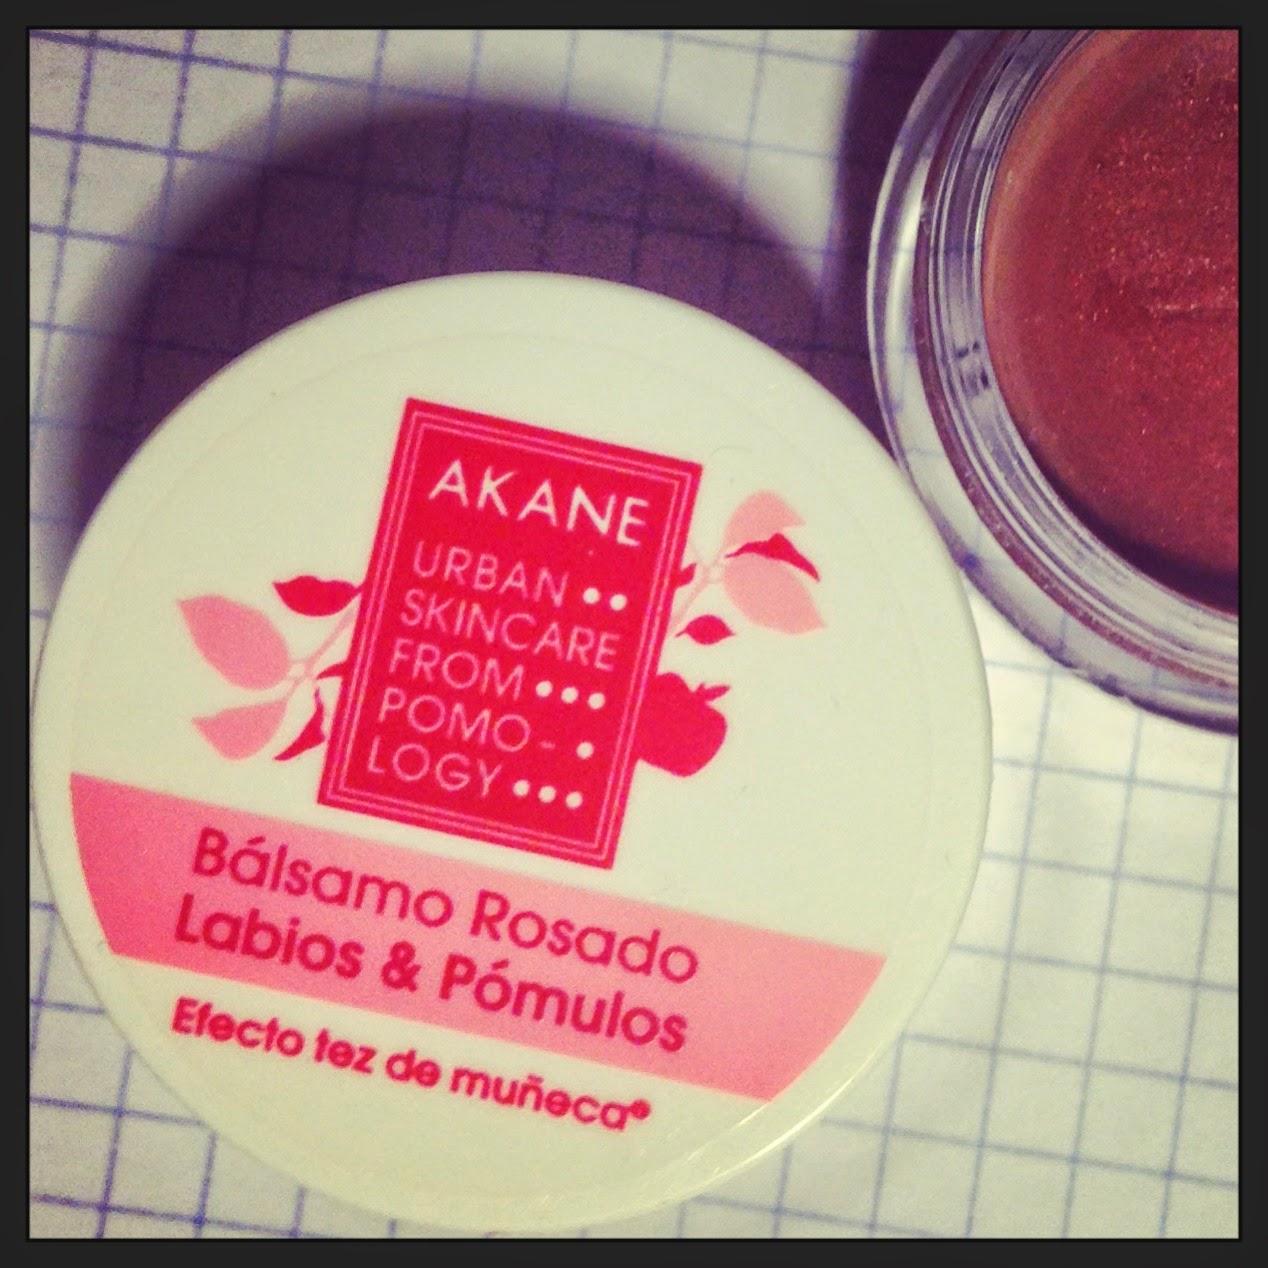 Akane y su bálsamo Rosado para labios y pómulos.